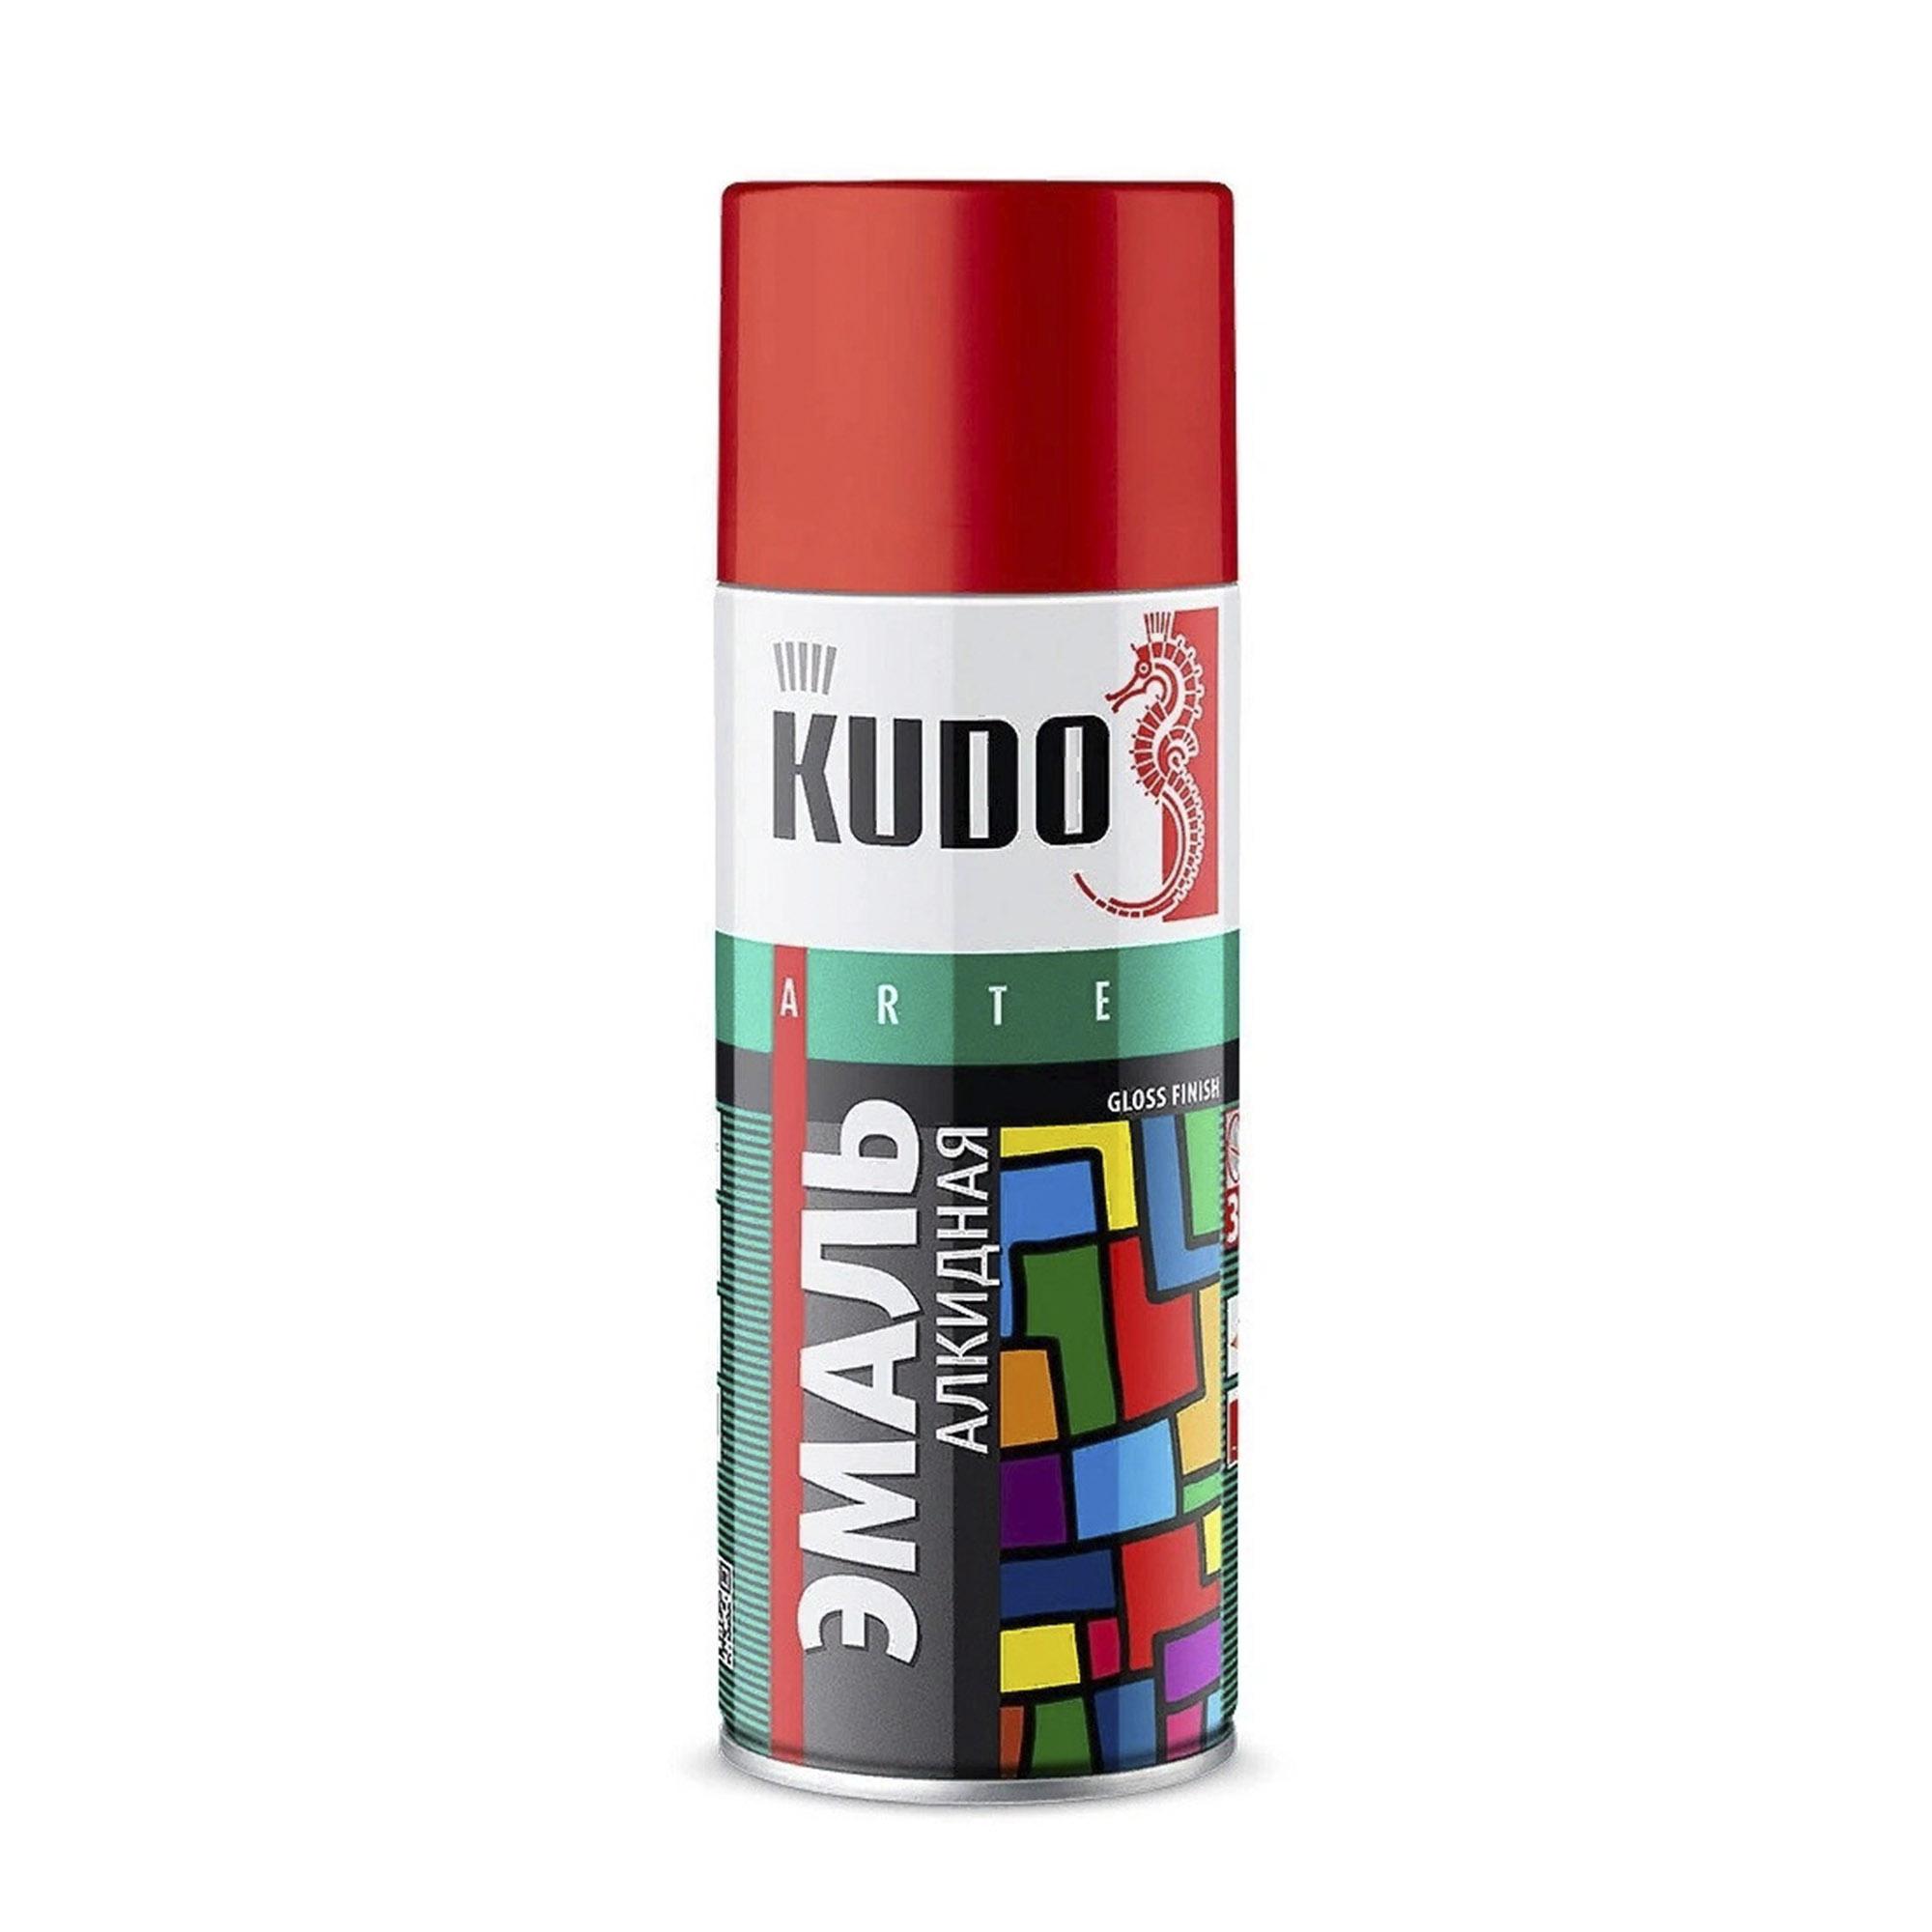 Эмаль Kudo универсальная оранжевая 520 мл эмаль аэрозольная kudo 1026 универсальная 520 мл серебро арт эк000013304